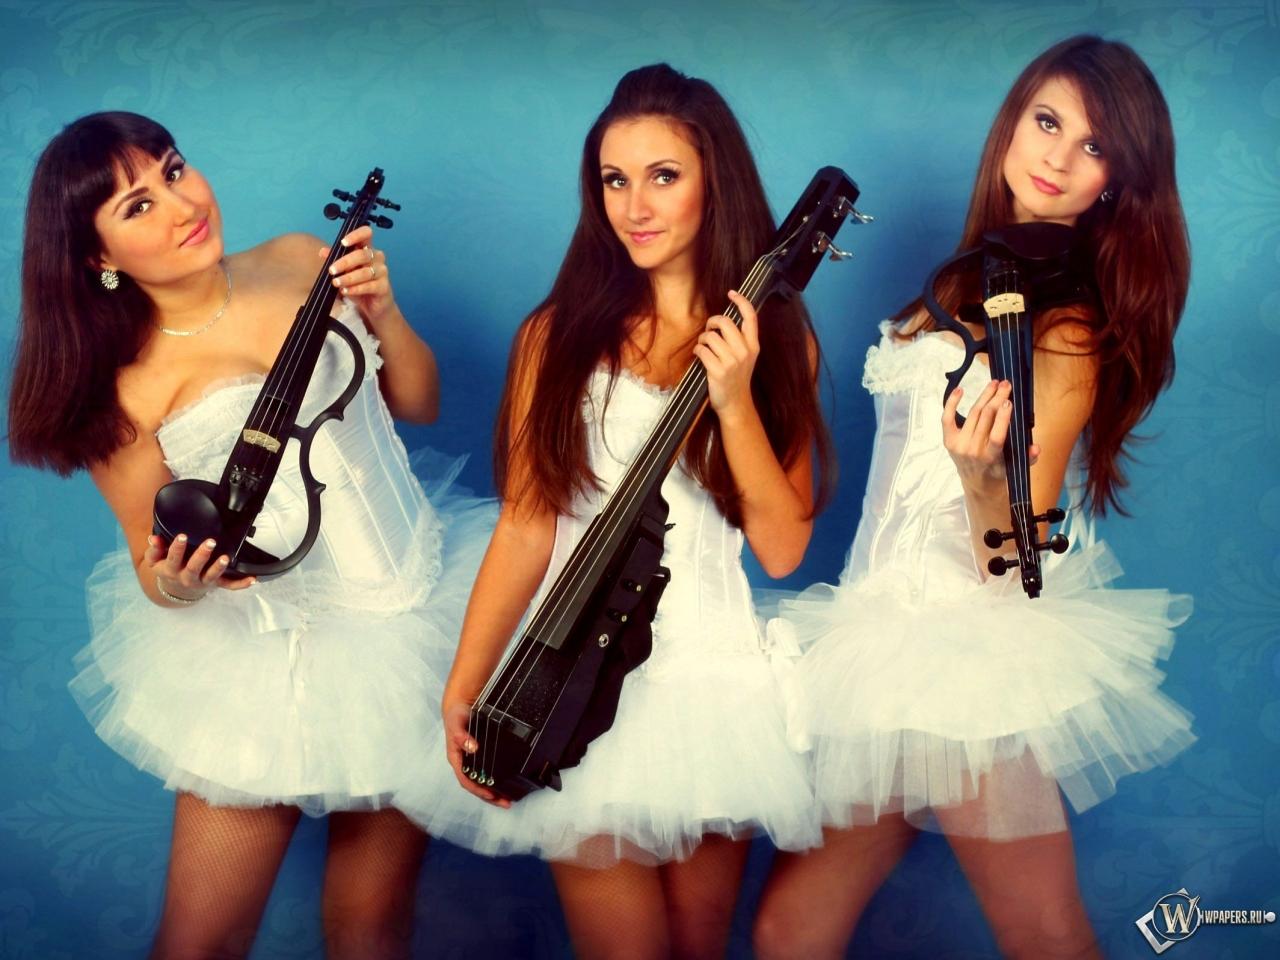 Трио Violin Group DOLLS - скрипачки и виолончелистка 1280x960